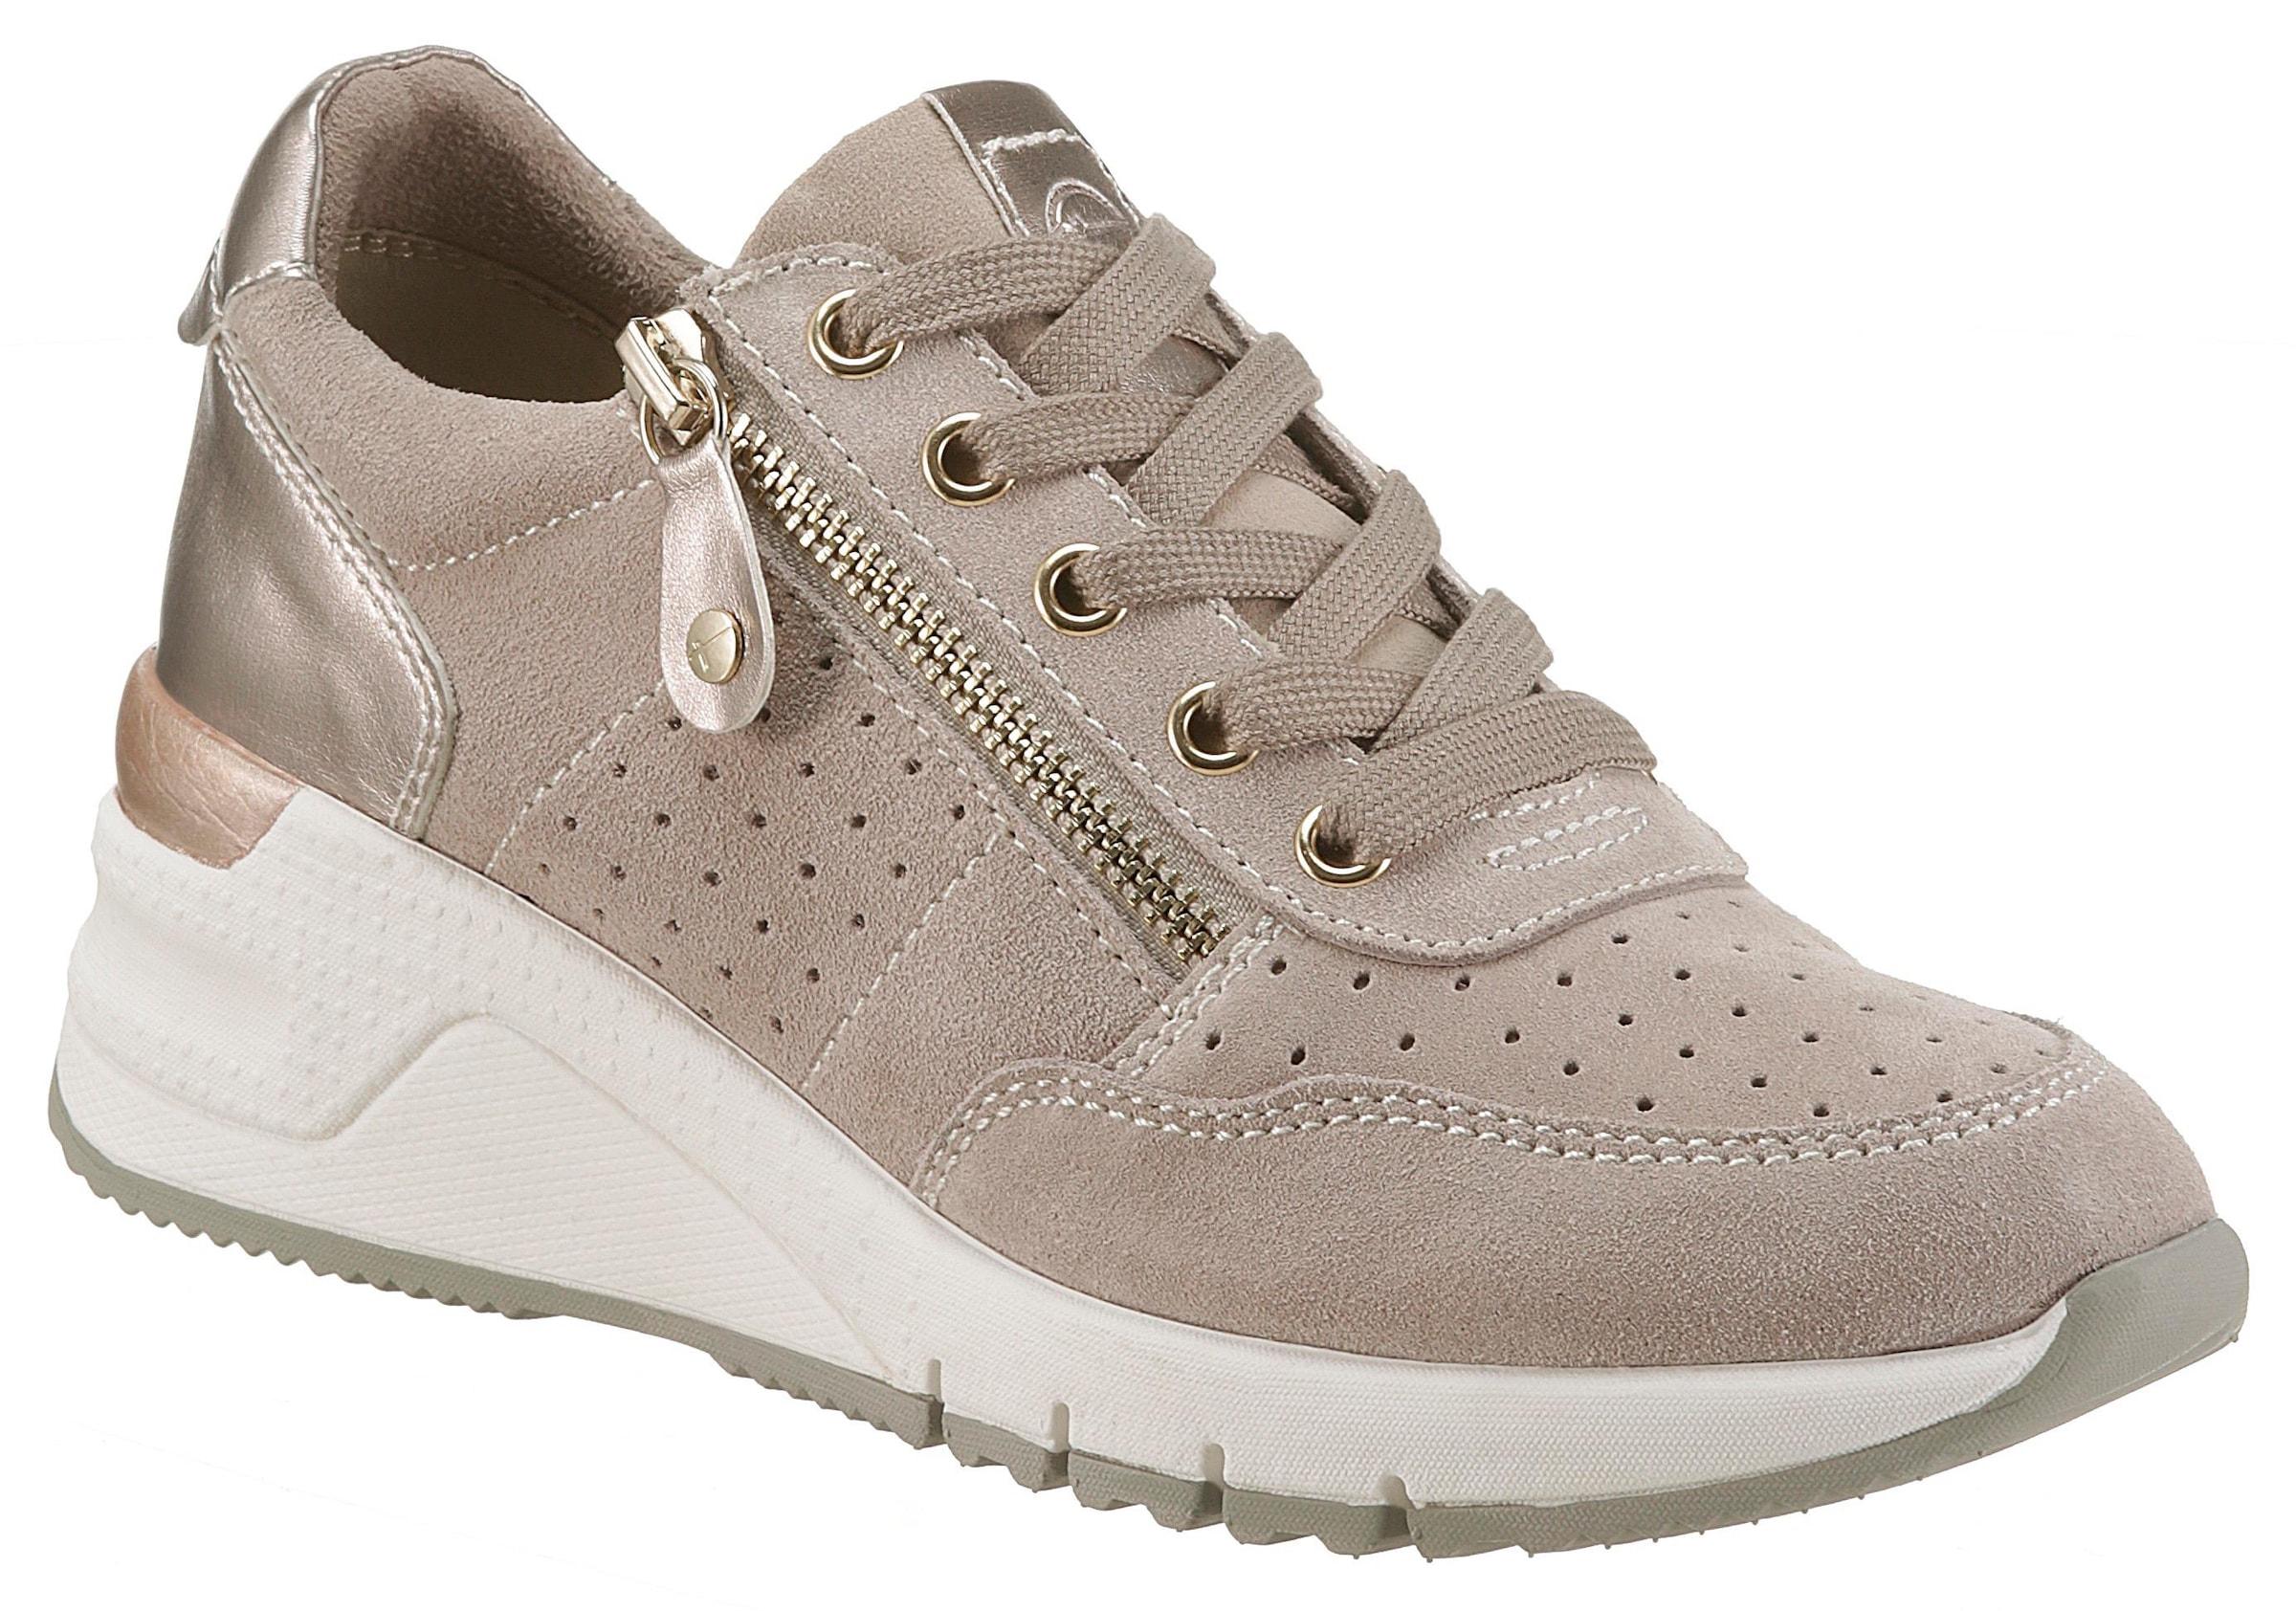 TAMARIS FASHLETICS DAMEN Sneaker Halbschuhe Schnürschuhe Freizeit Schuhe taupe